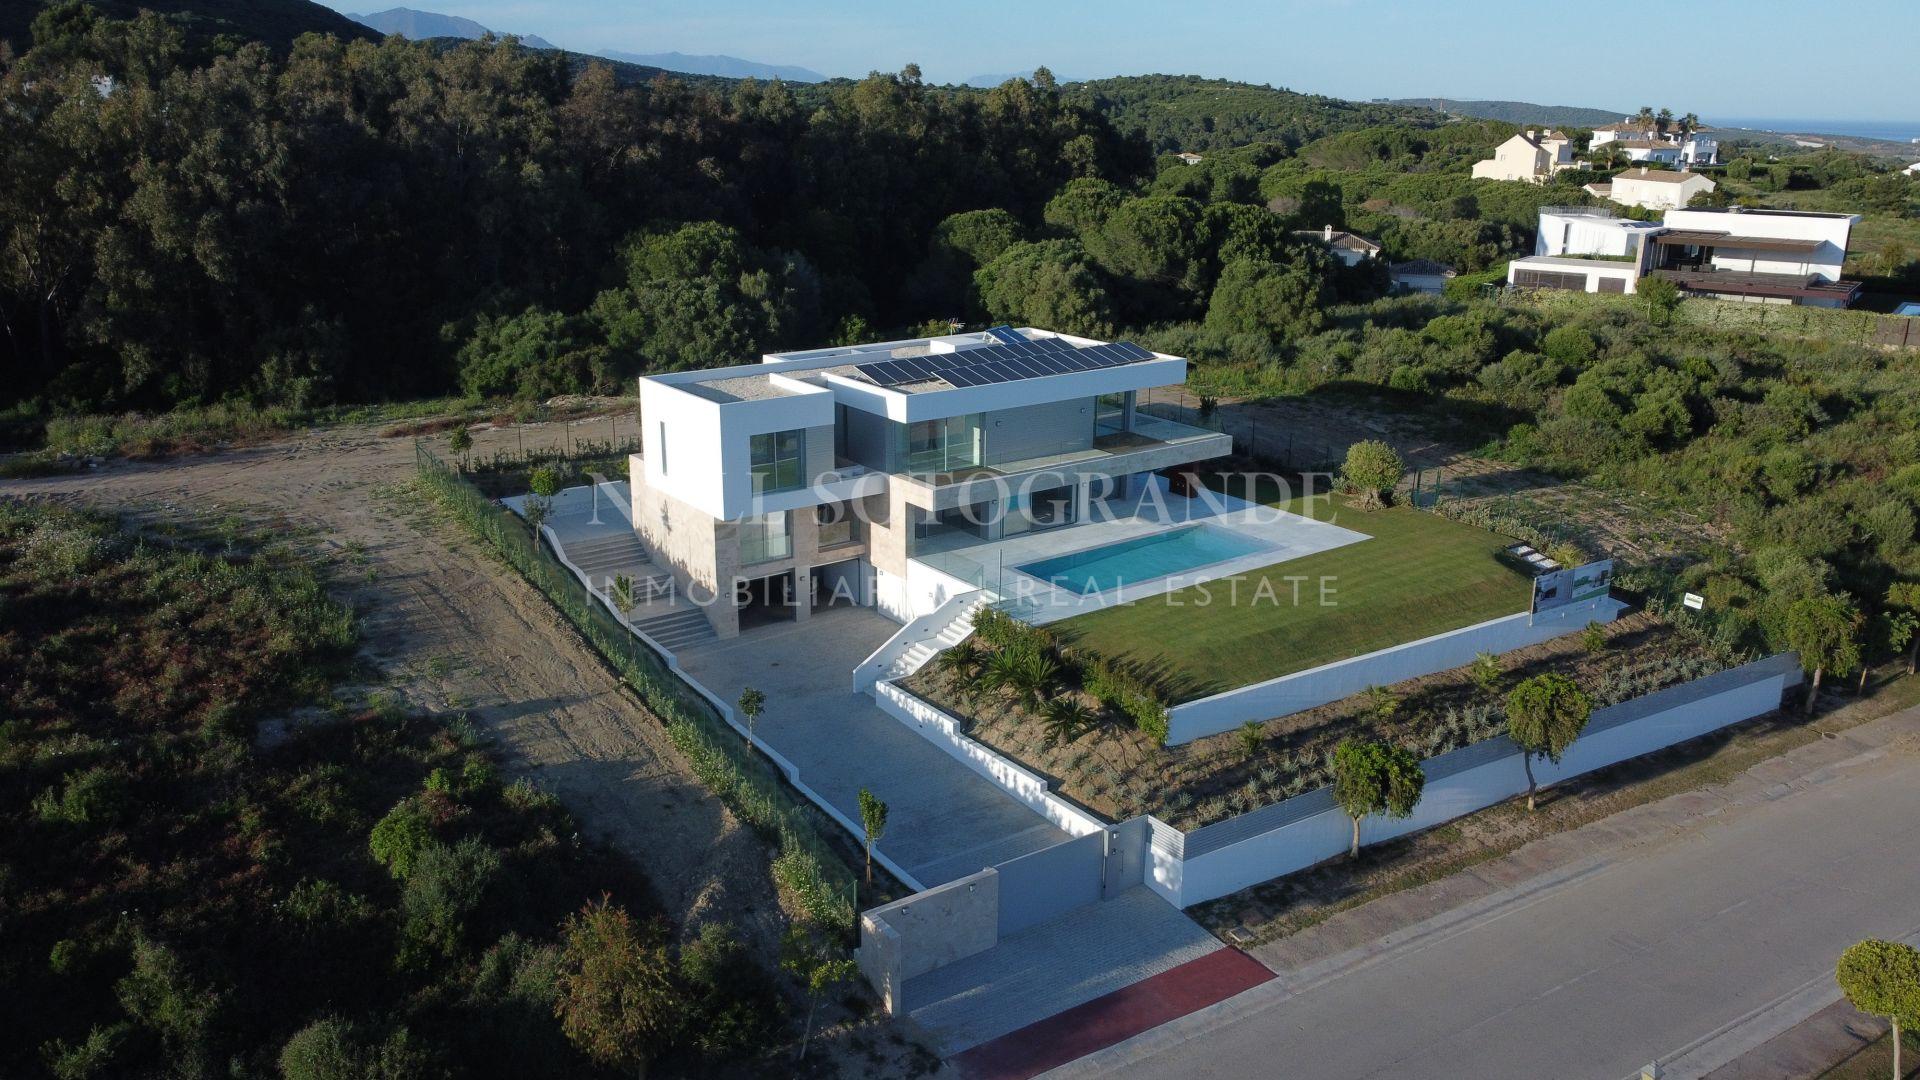 Villa Green Island, a contemporary villa for sale in La Reserva de Sotogrande